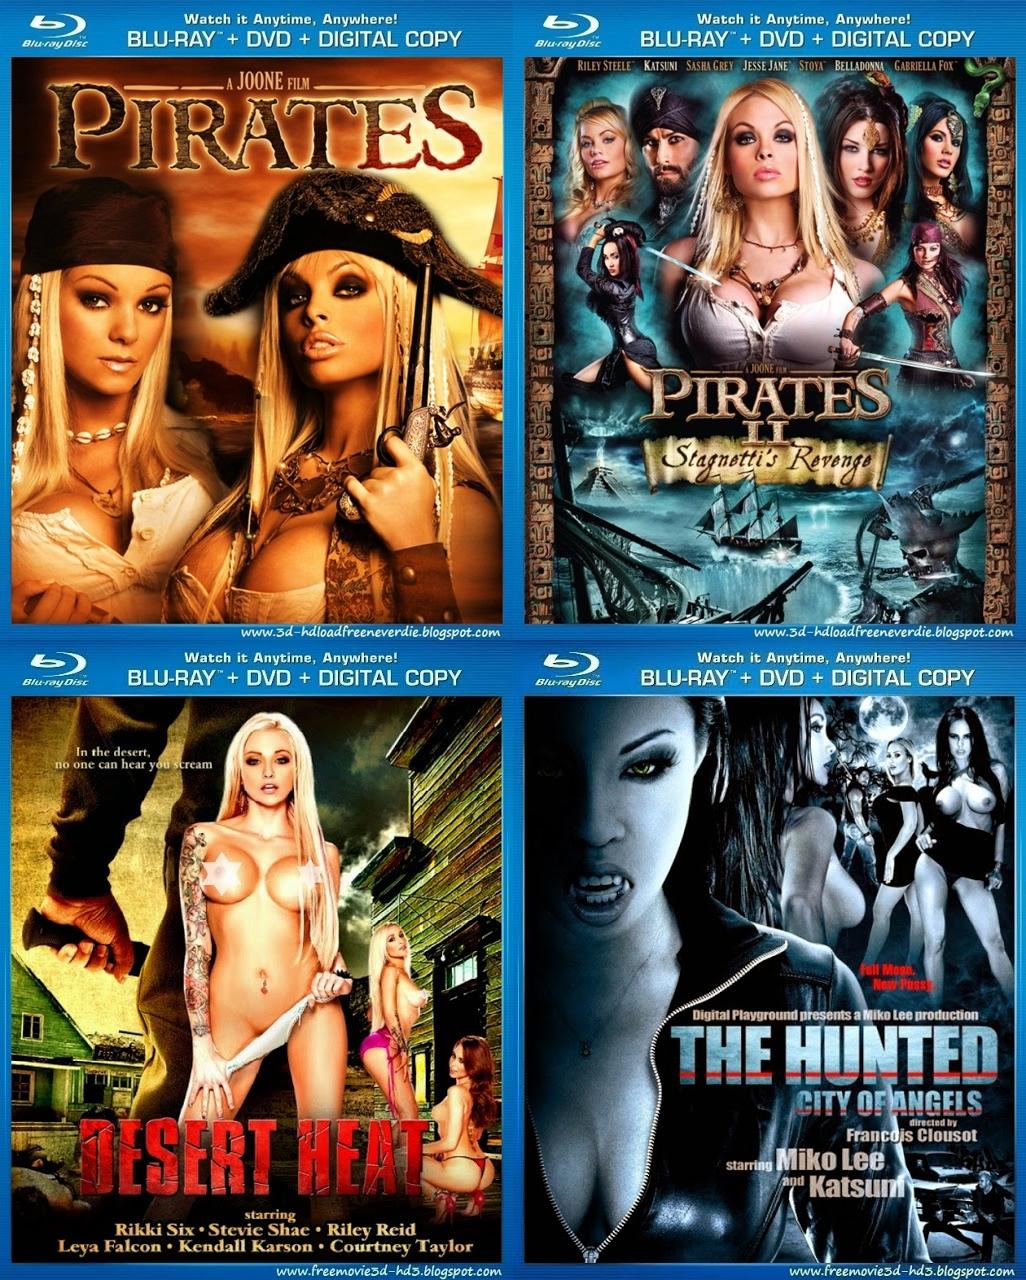 Блюрей фильмы смотреть онлайн порно — photo 3